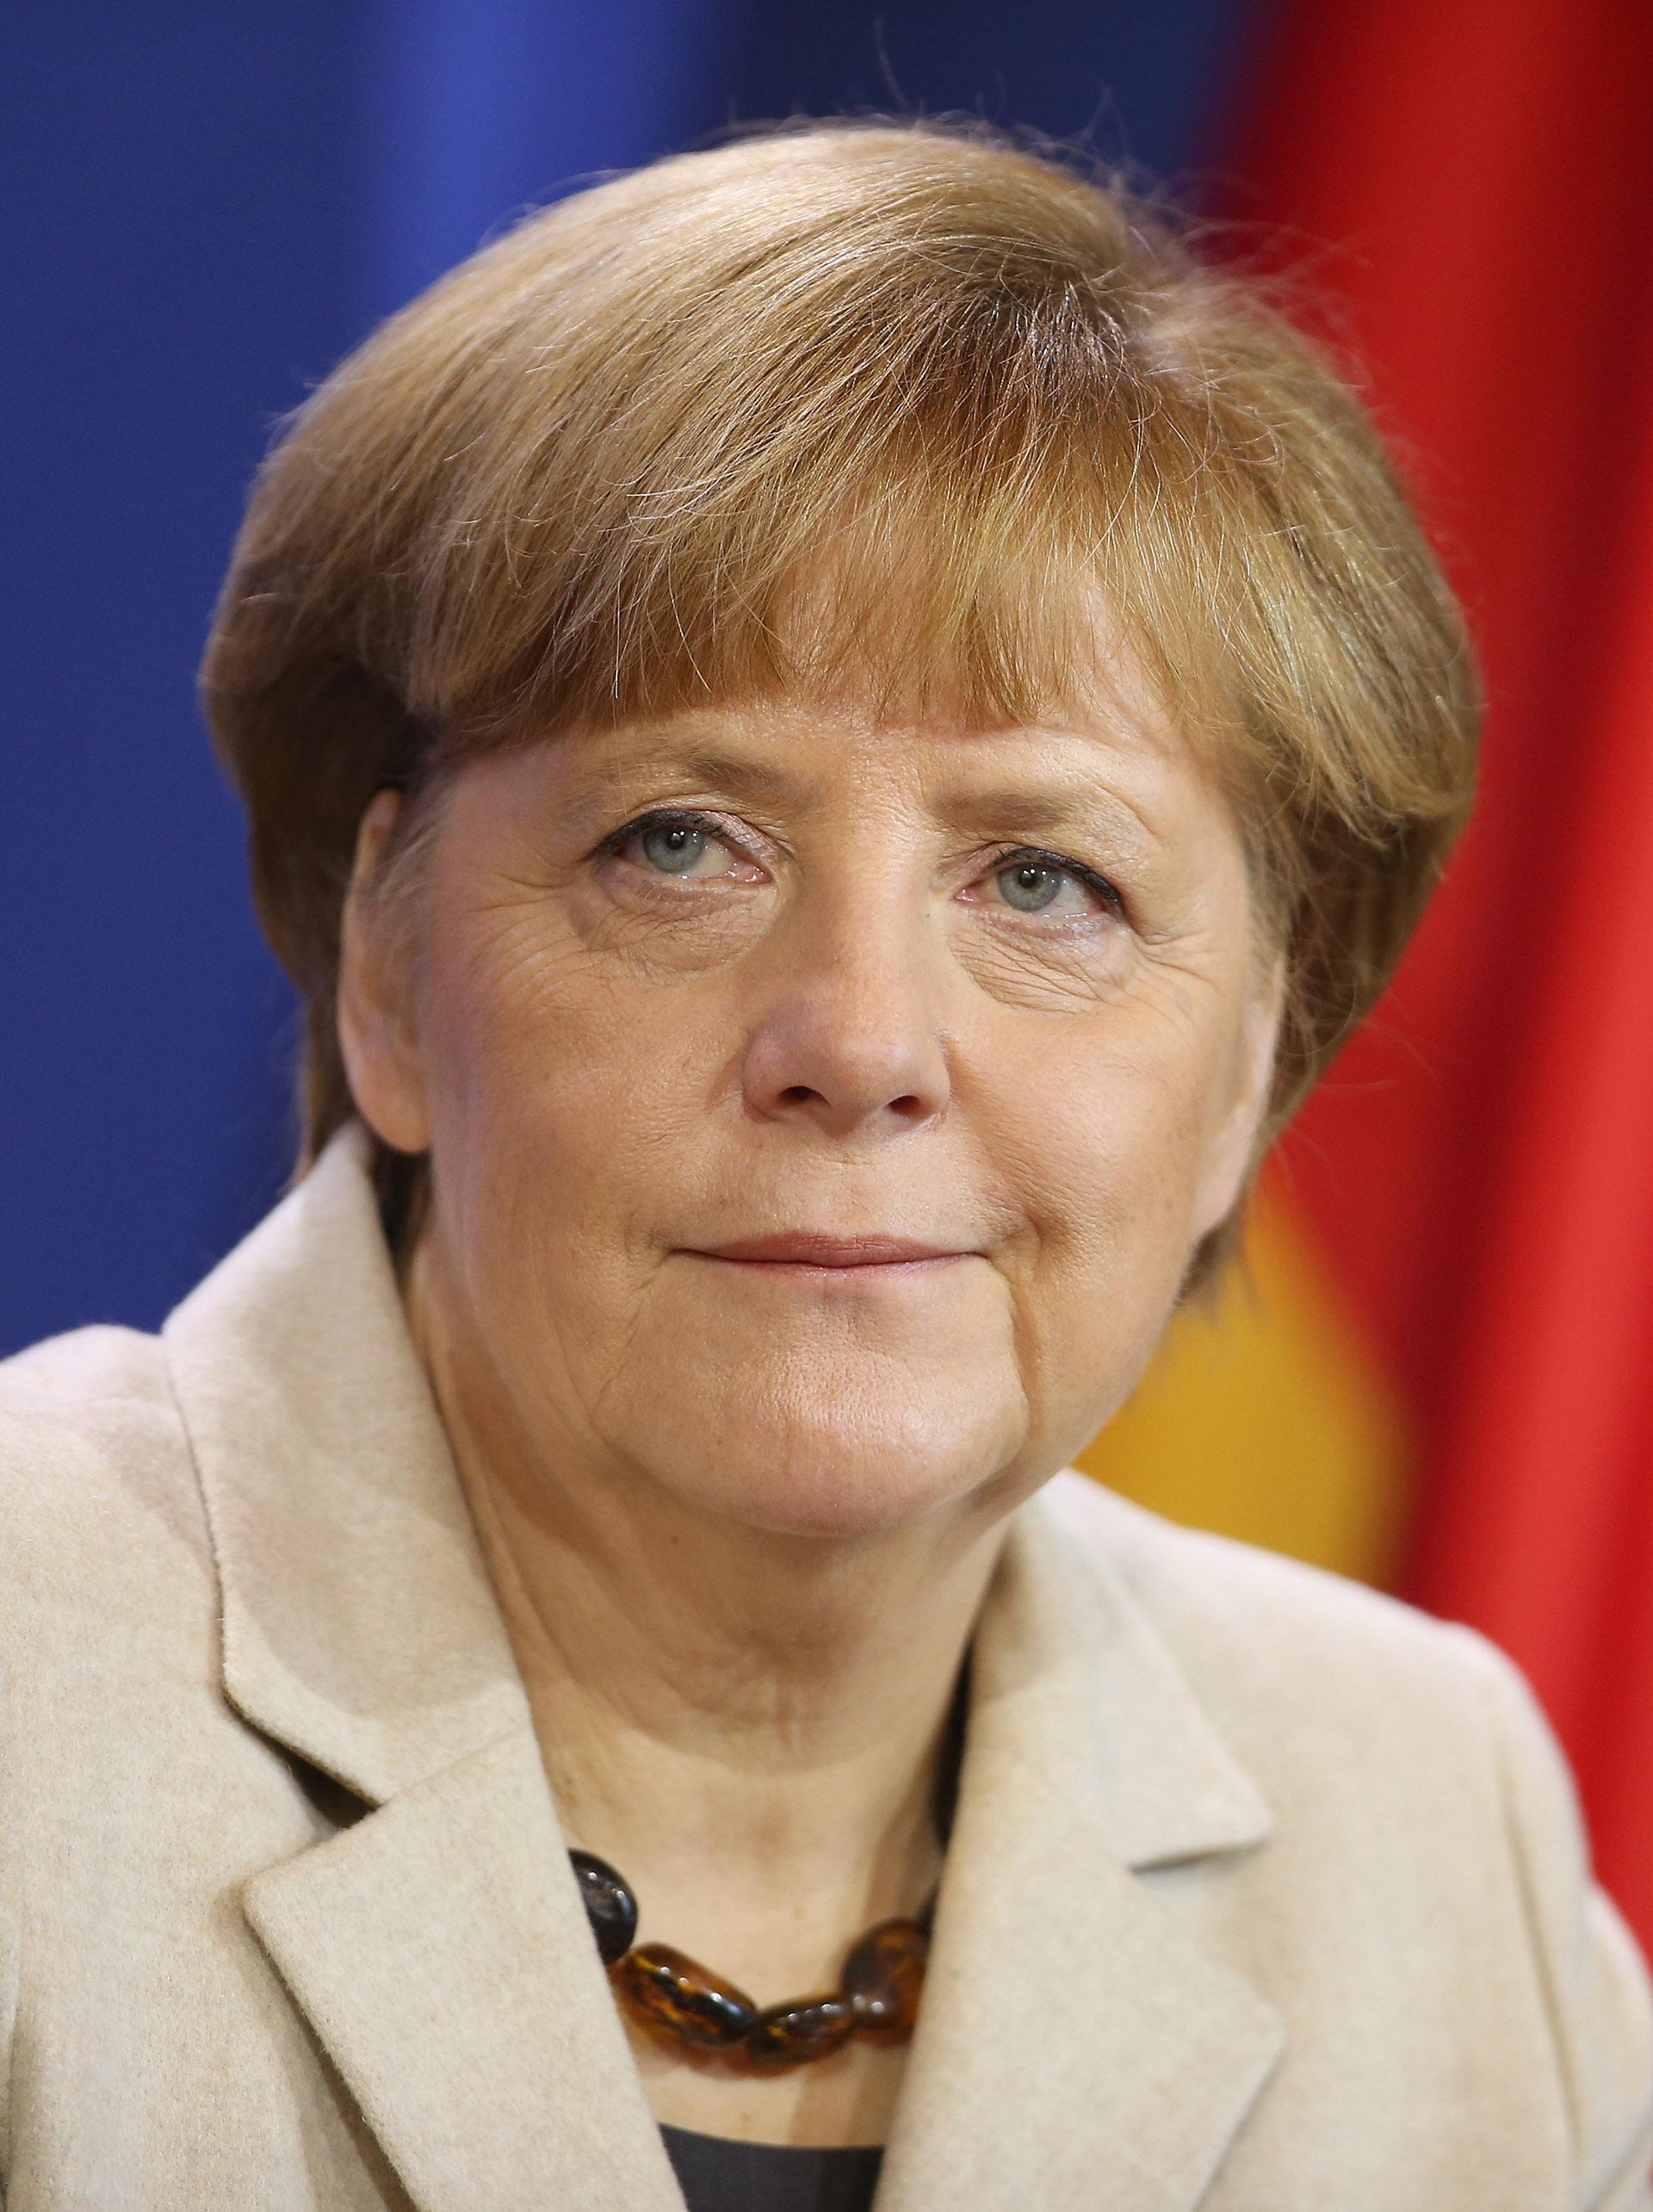 La canciller alemanaAngela Merkel no modifica su estilo. Luce desde hace año el cabello corto, según los especialistas, 'el corte de las mujeres del poder' (Sean Gallup/Getty Images)